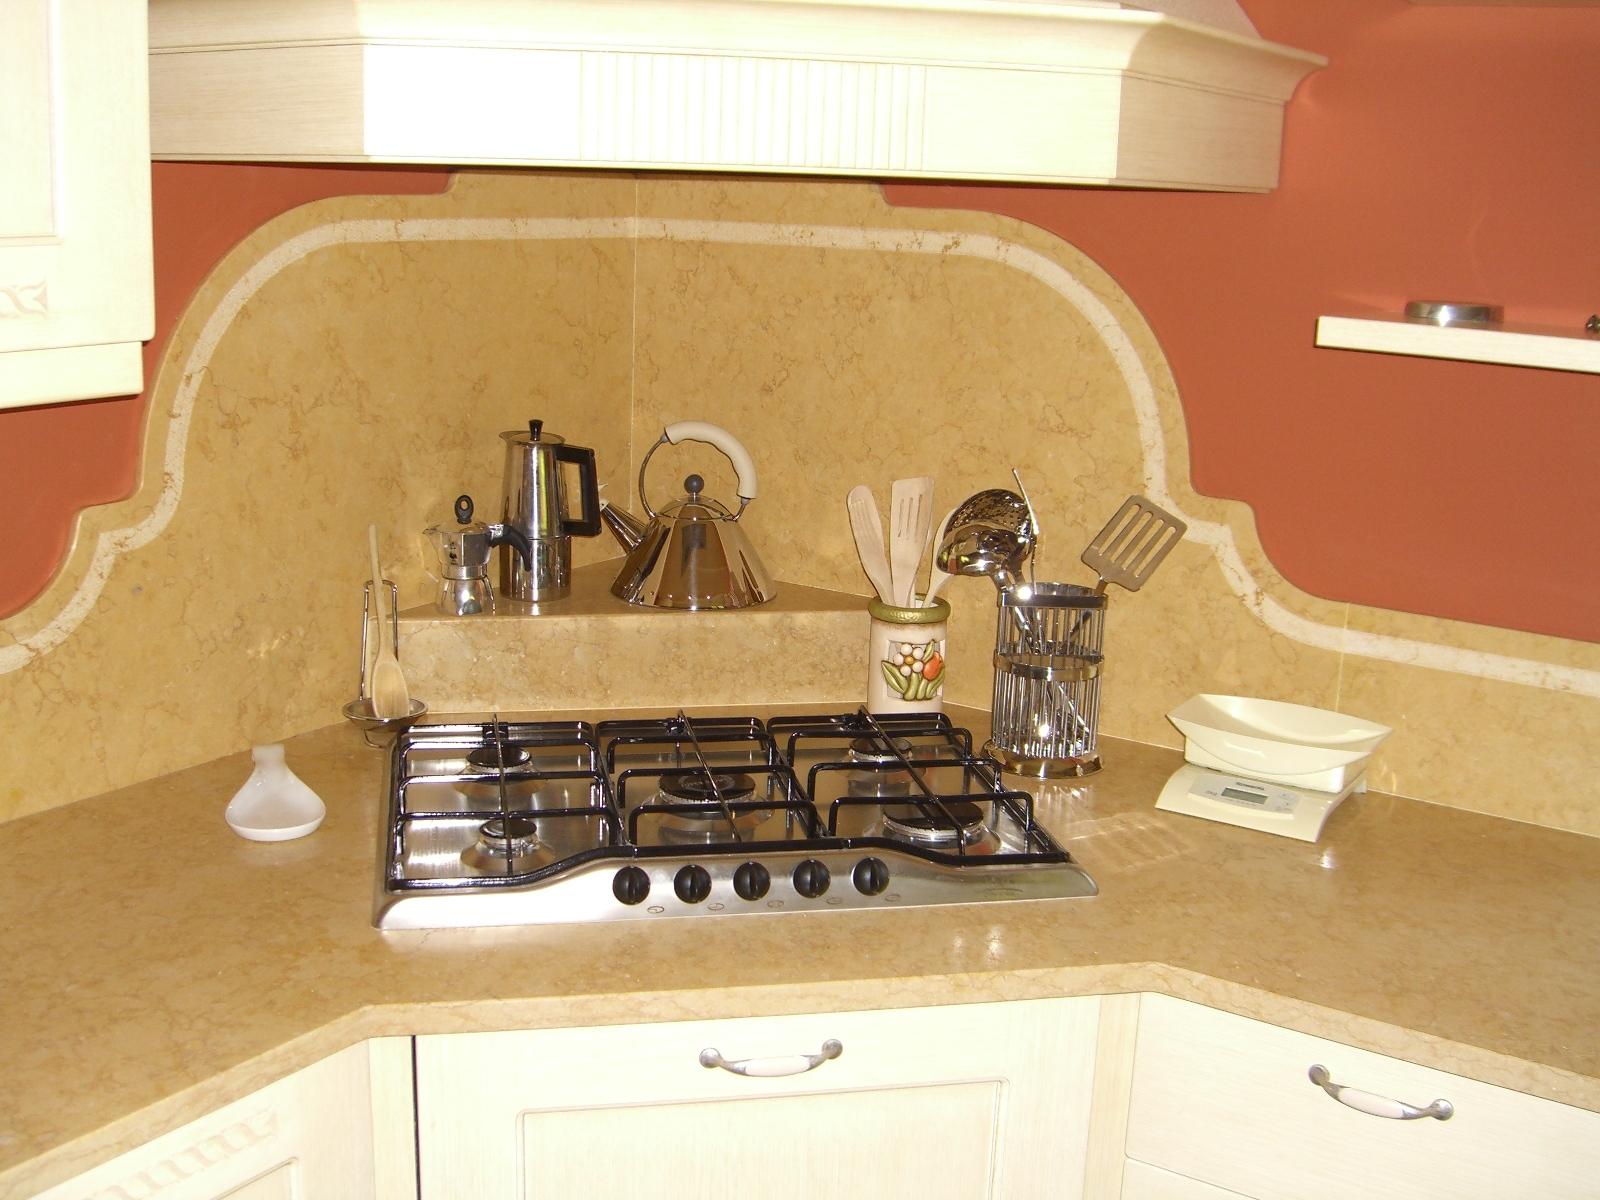 Top Cucina In Legno Opinioni : Piano cucina legno ikea opinioni good beautiful top with top